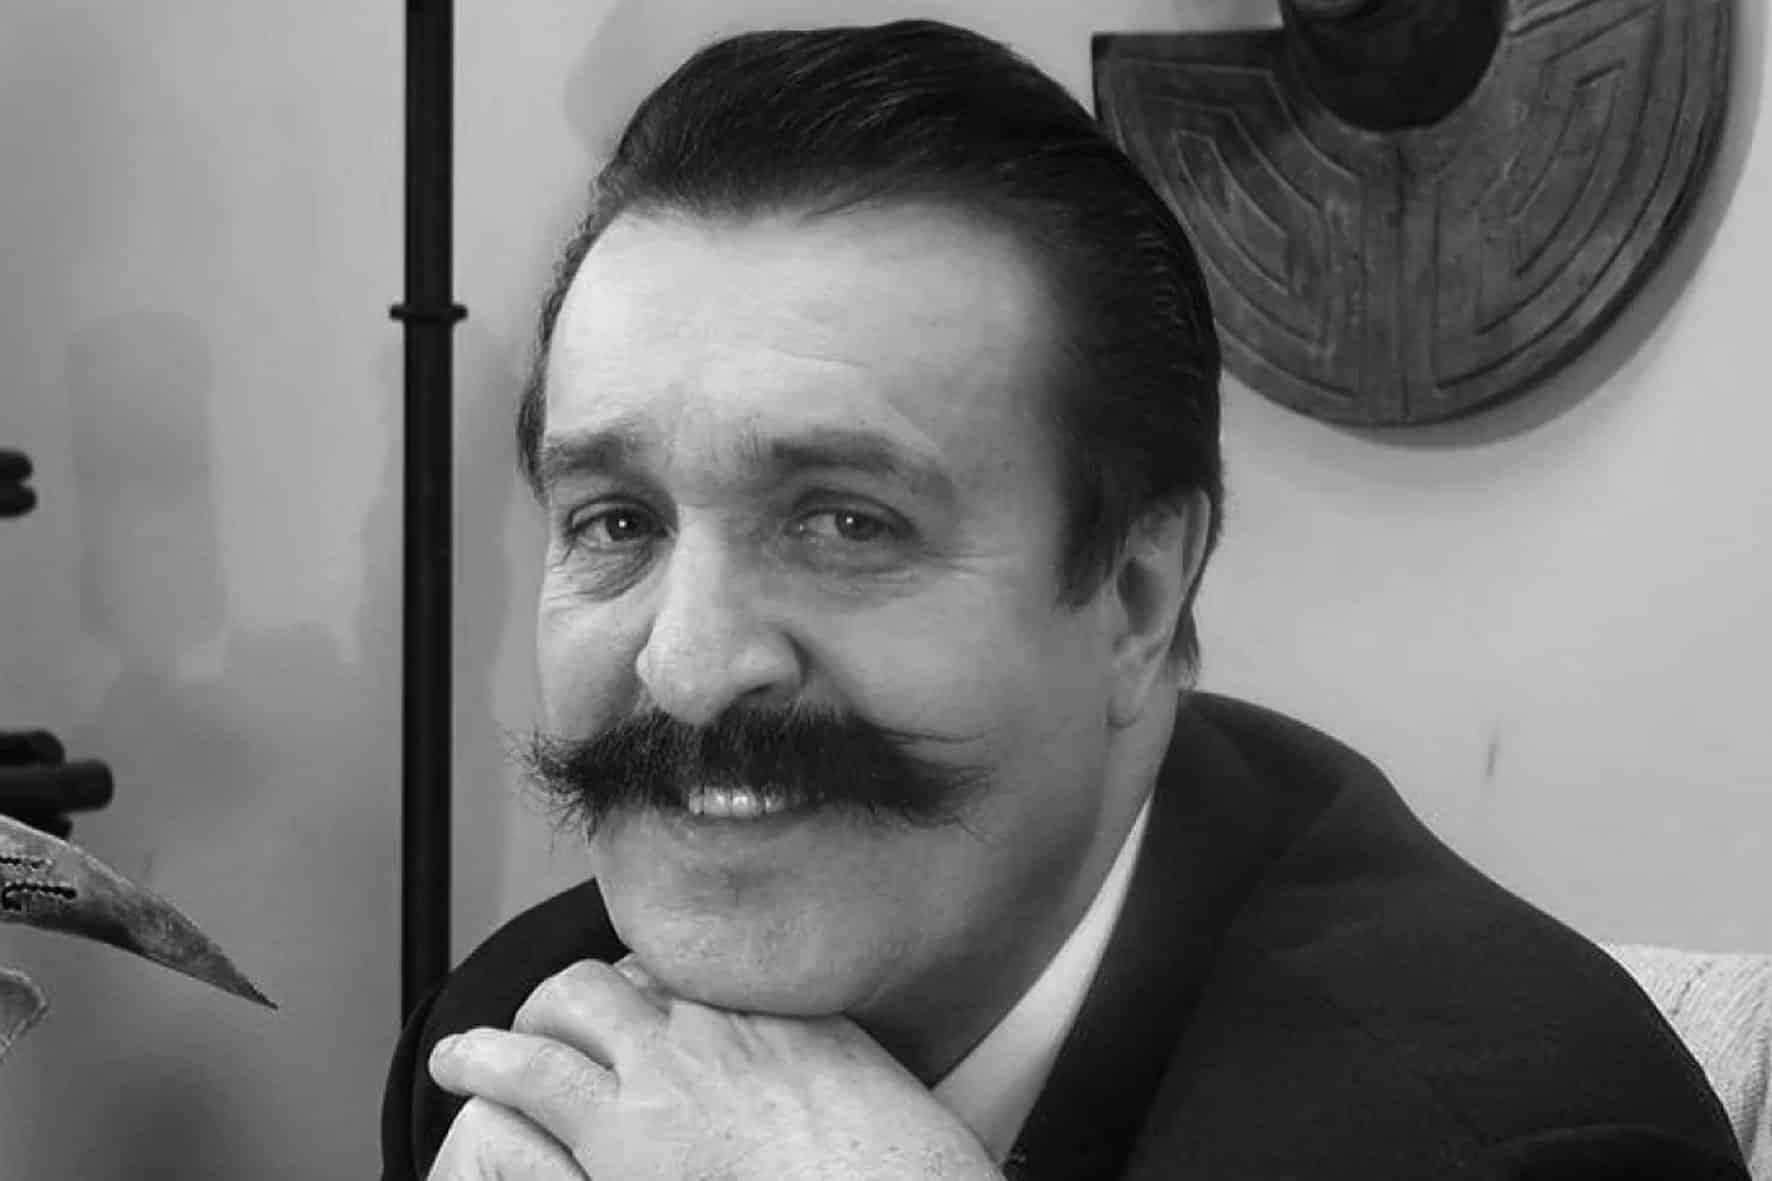 Умер Вилли Токарев: причины смерти, когда похороны